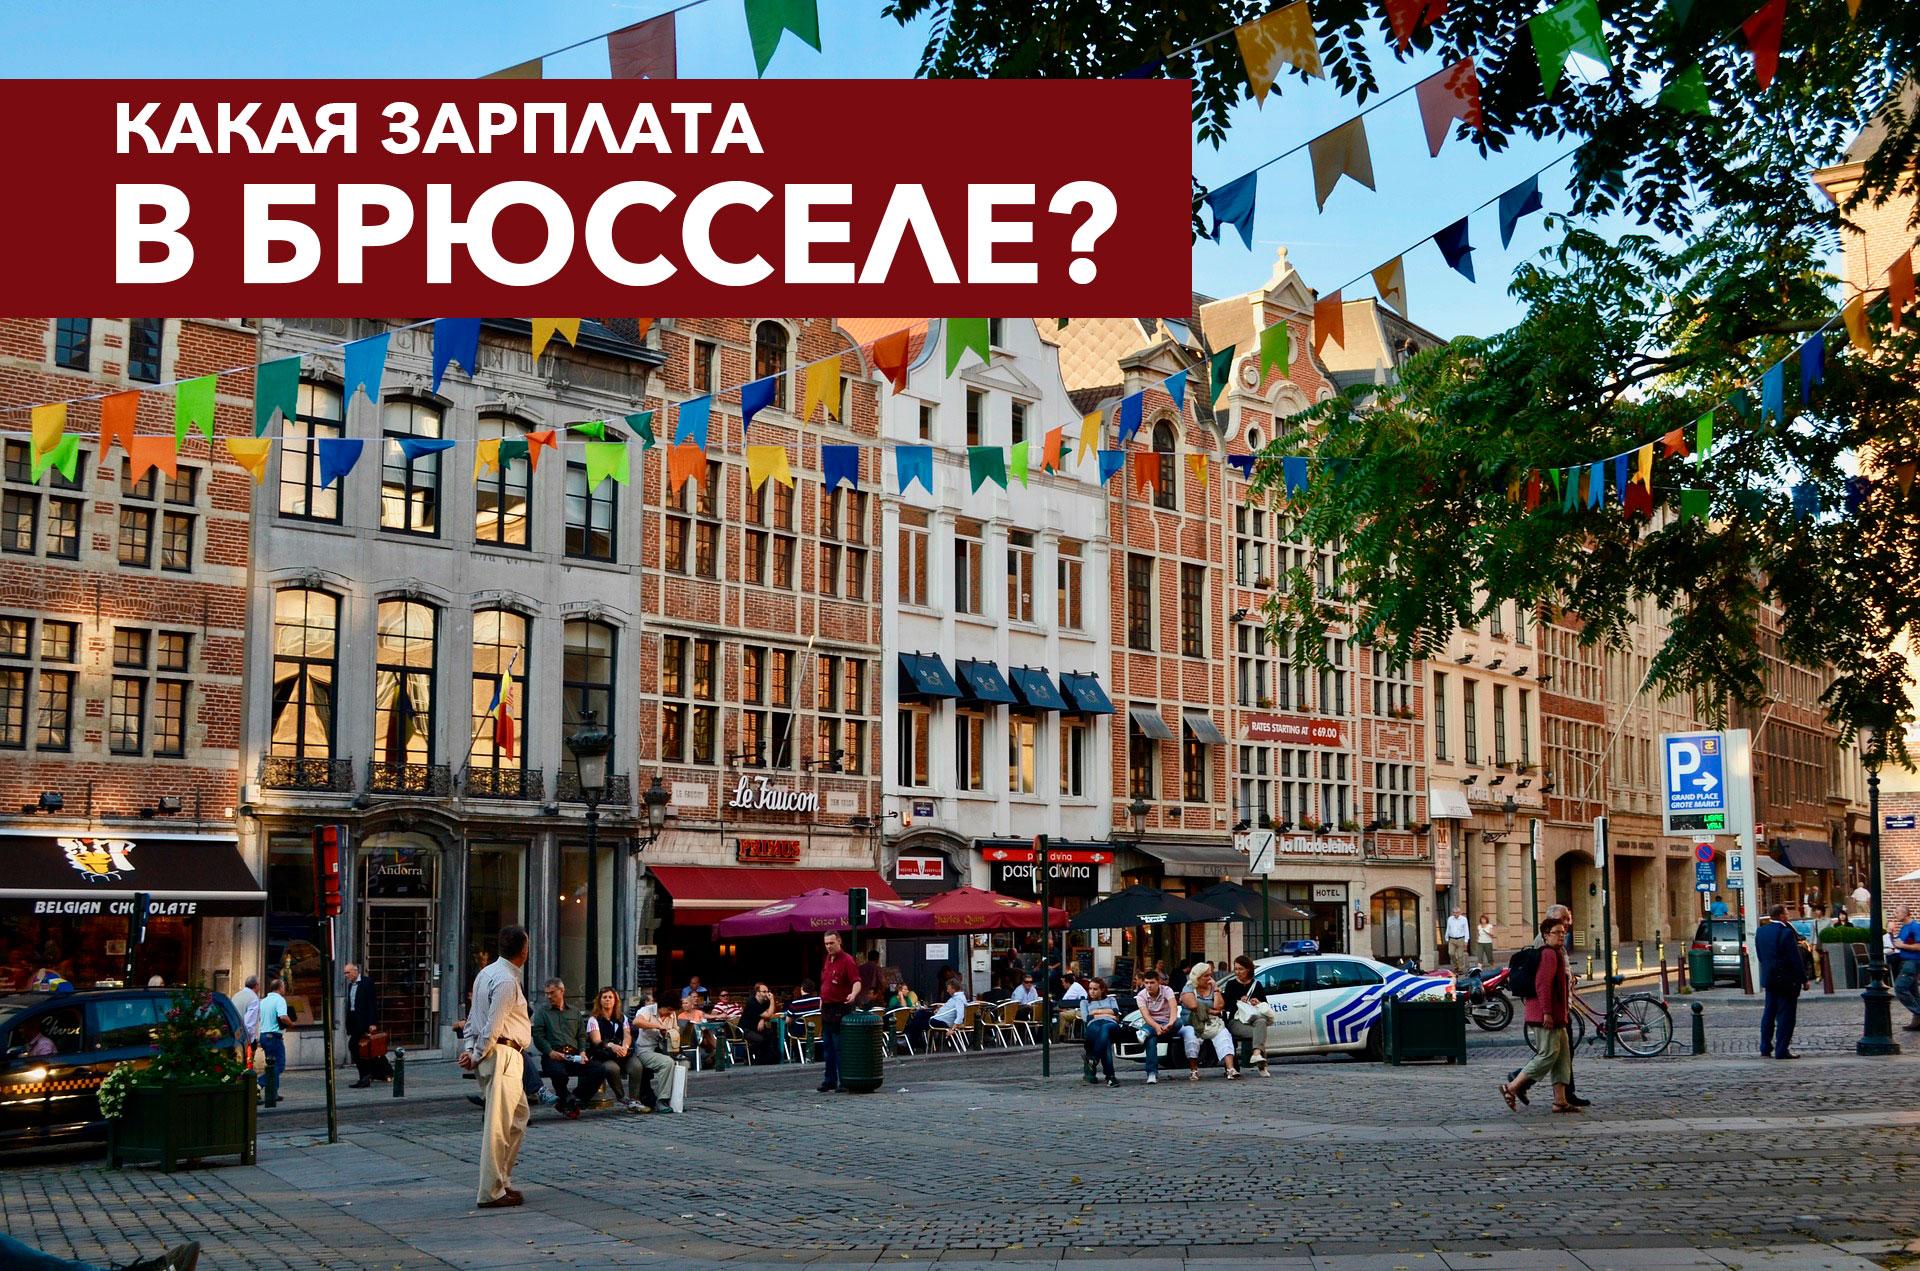 Средняя и минимальная зарплата в Брюсселе Бельгия